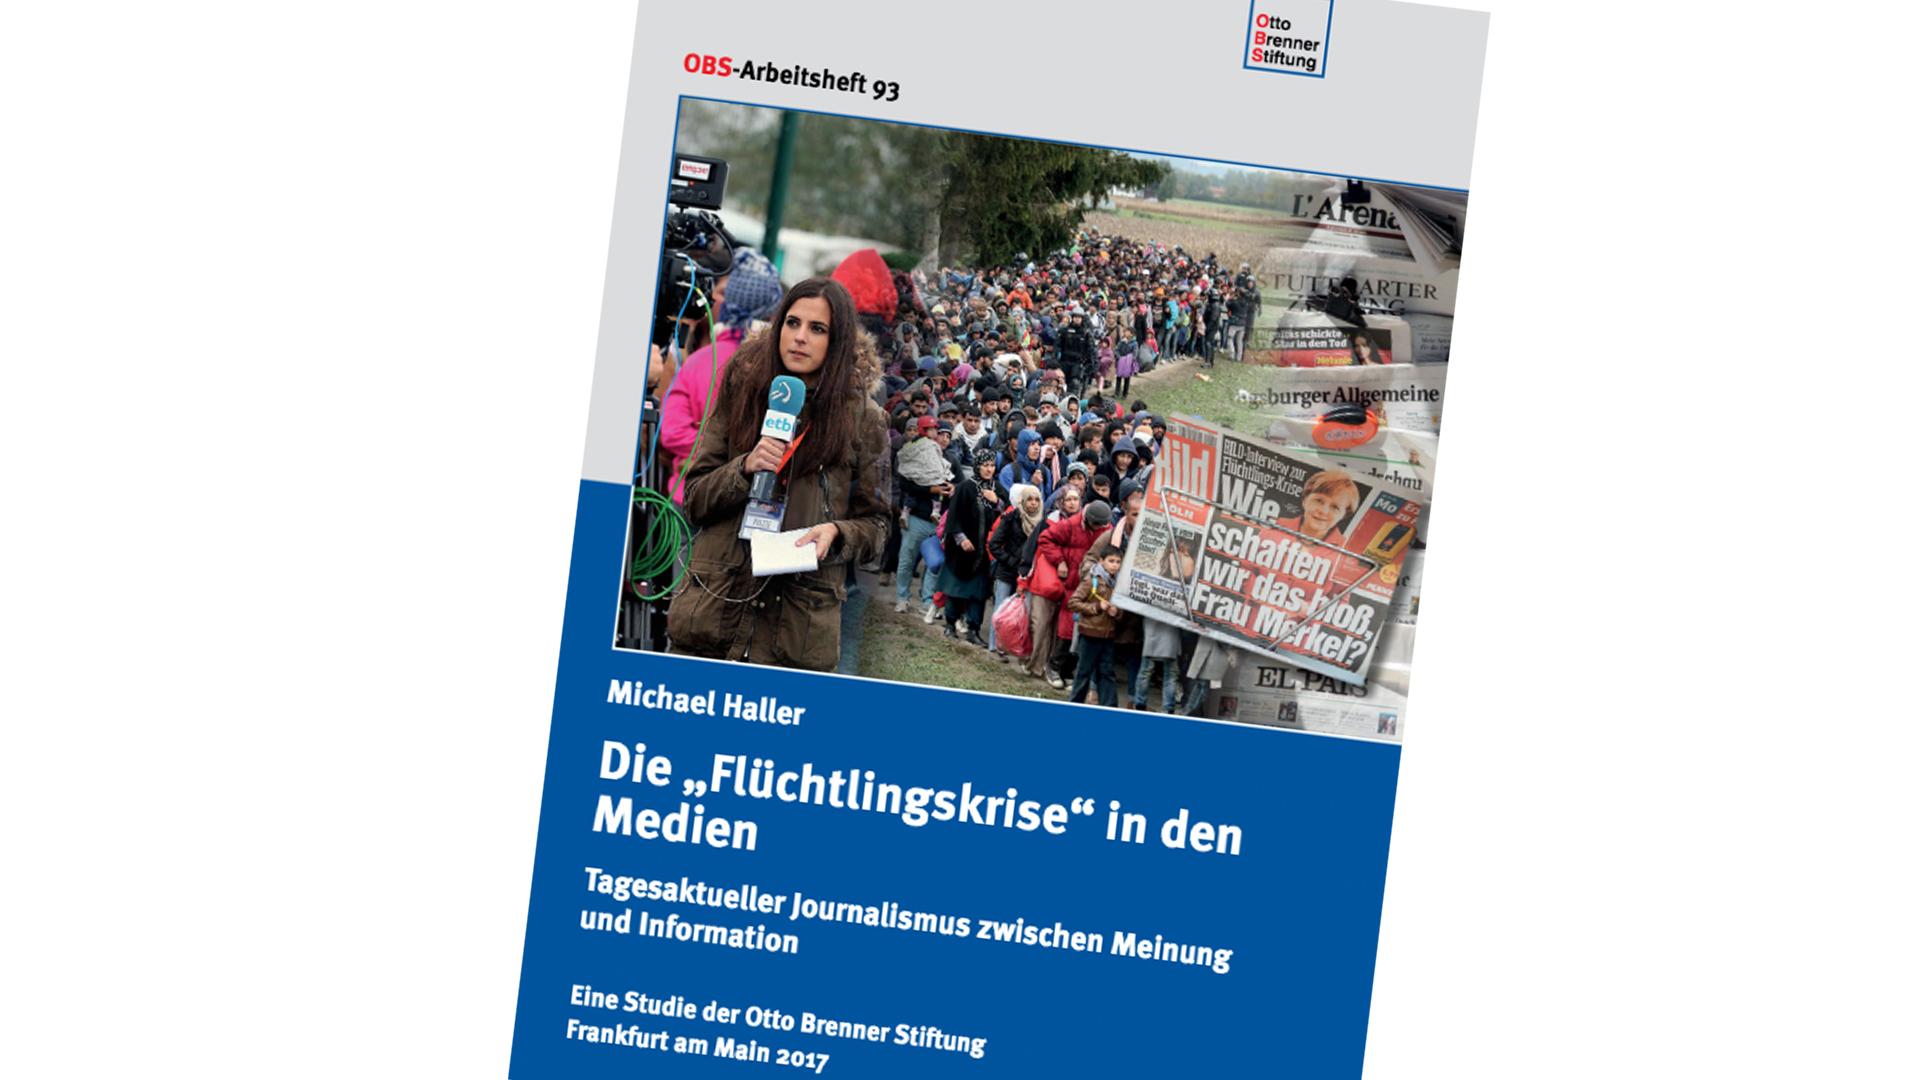 Die genaue Untersuchung der Berichterstattung über die Flüchtlingskrise in Deutschland ist im Internet abrufbar